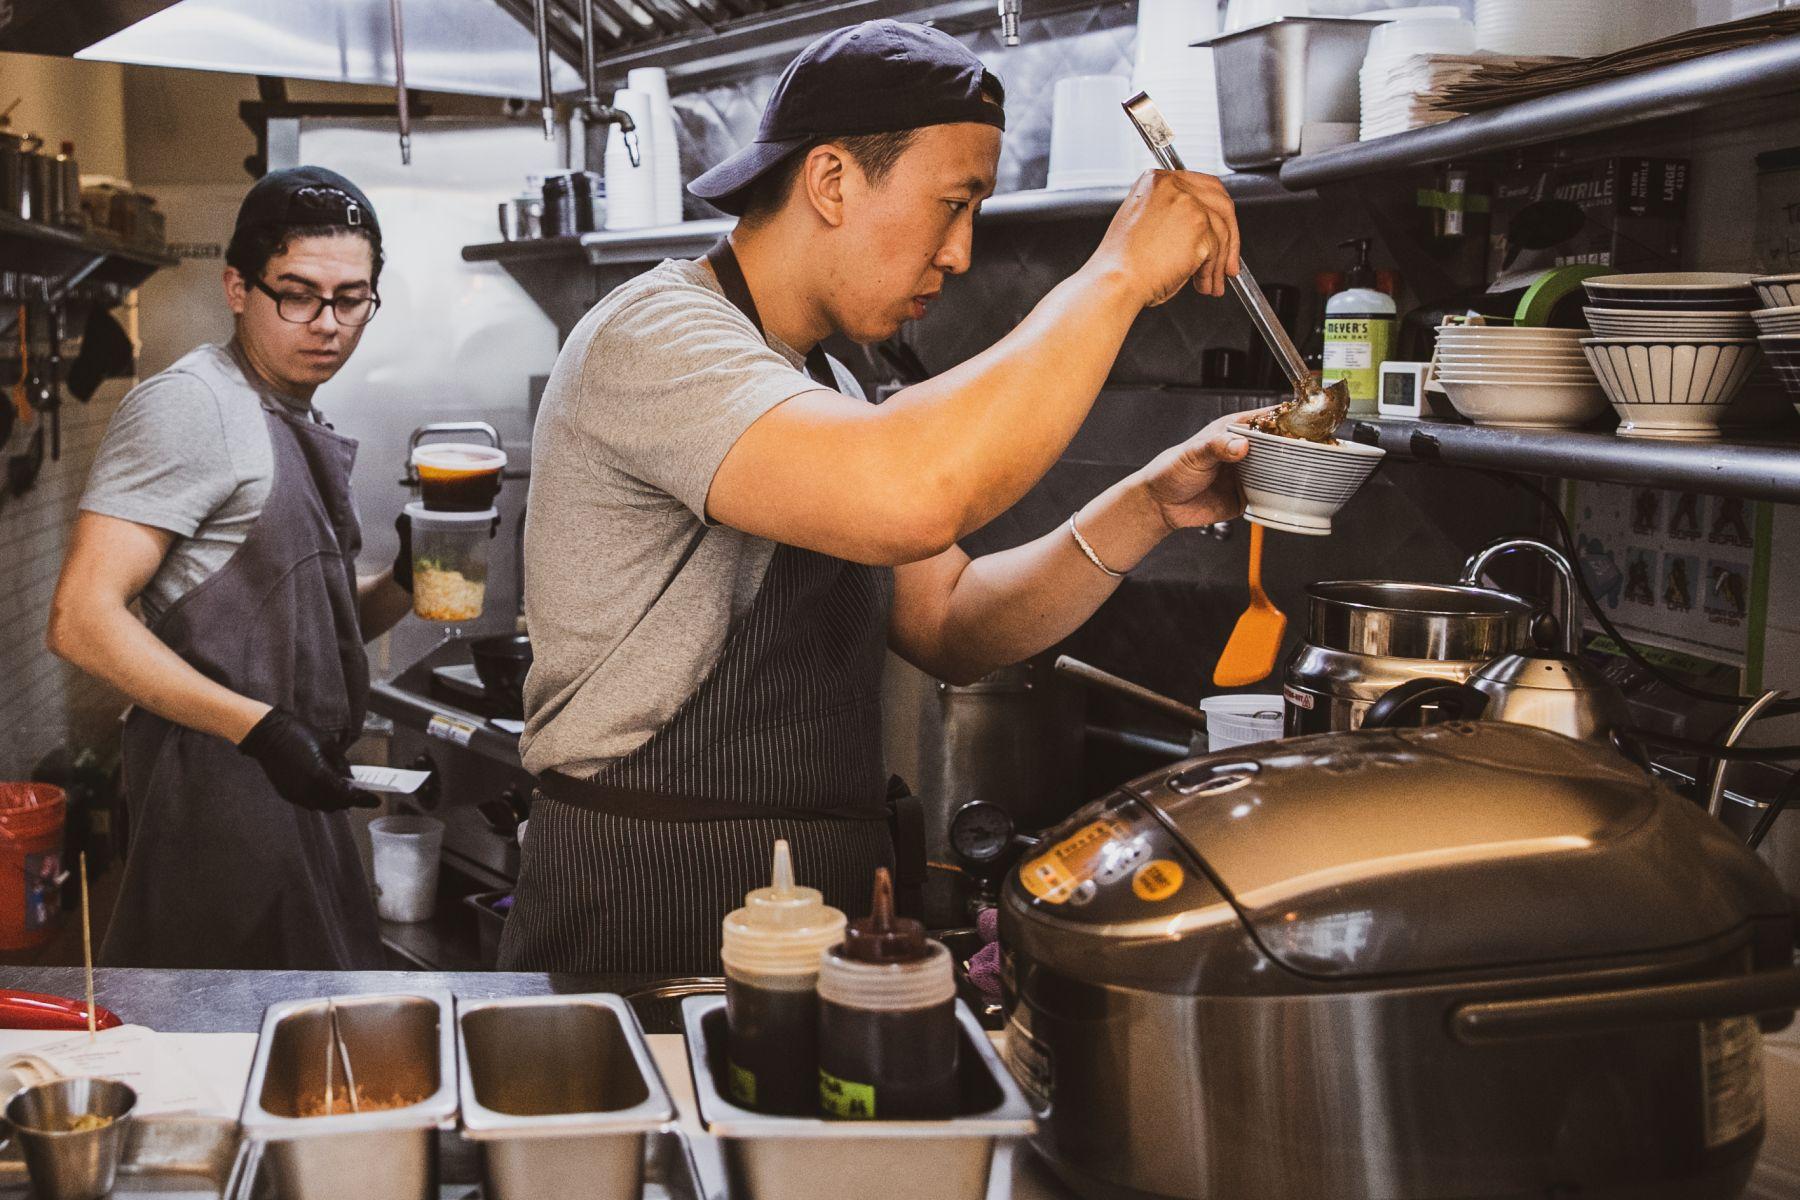 何瑞運Richard Ho在紐約市開了「何家麵館」Ho Foods牛肉麵